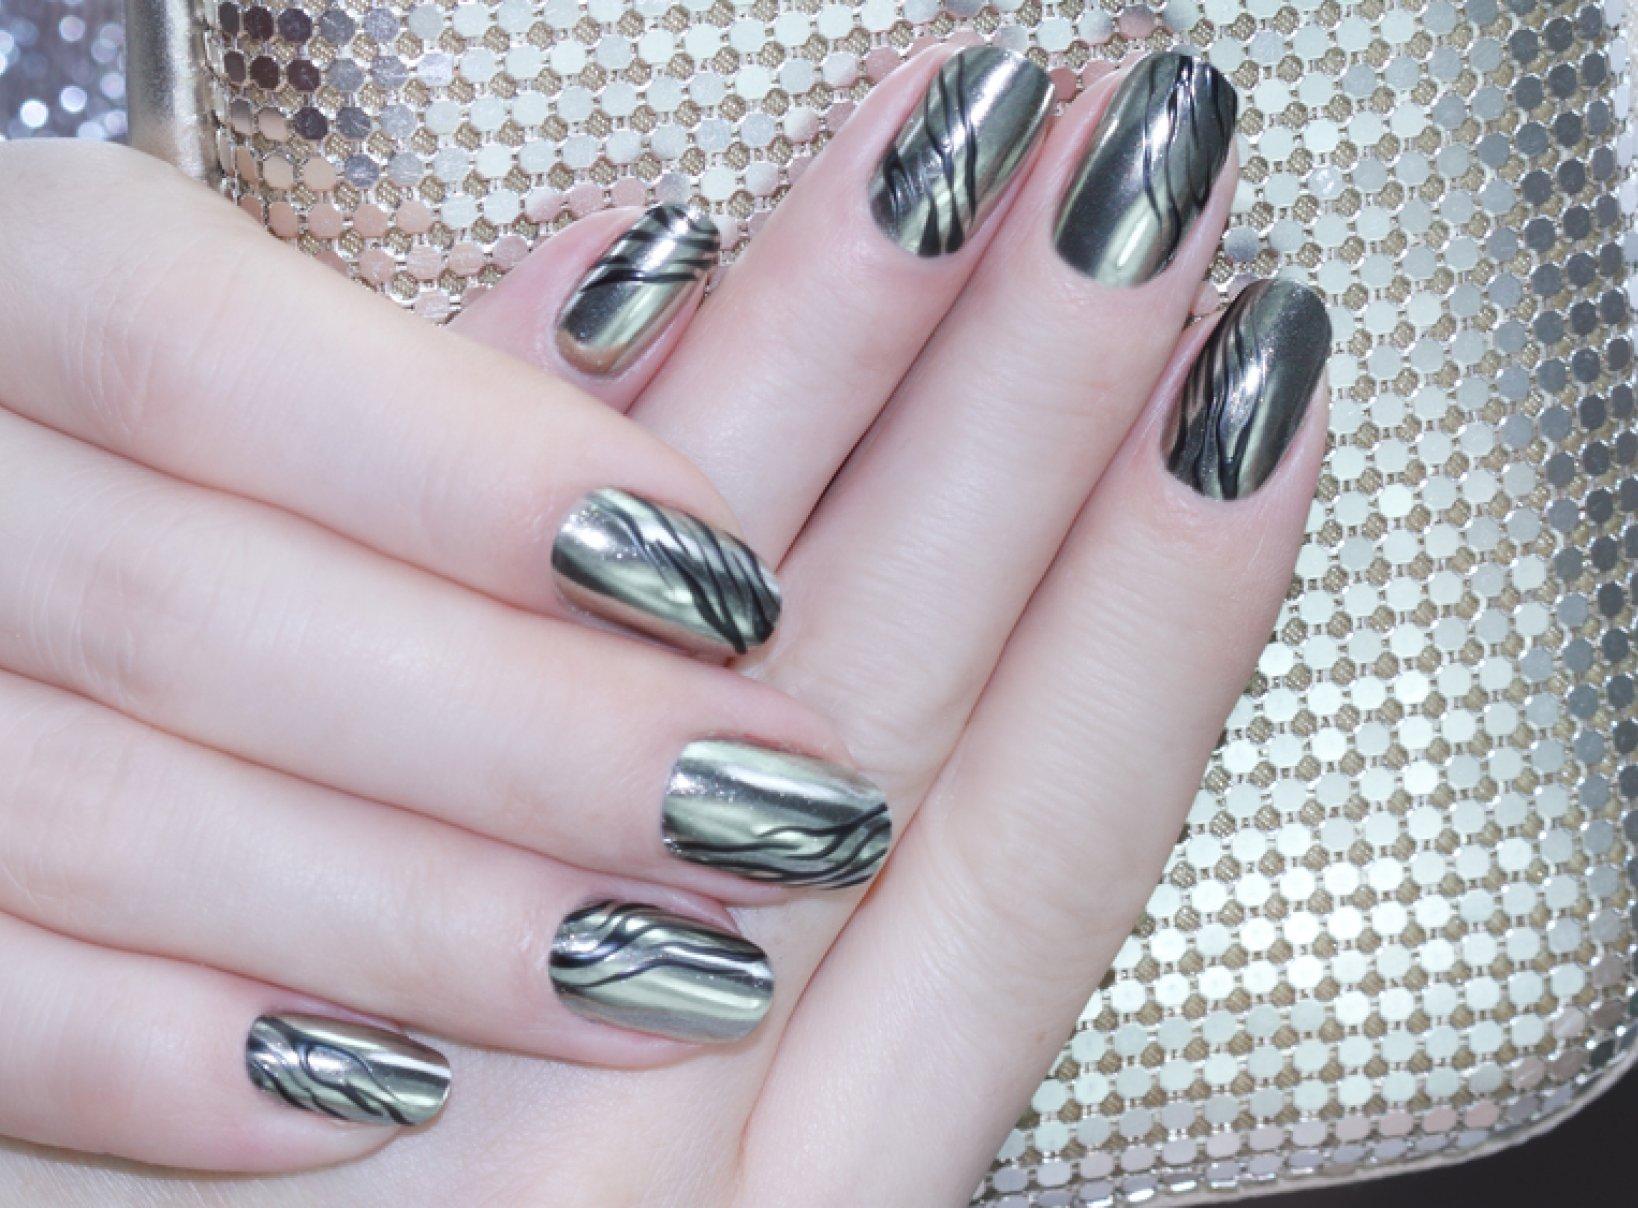 świąteczno Zimowy Manicure Krok Po Kroku Facelook Wybieraj